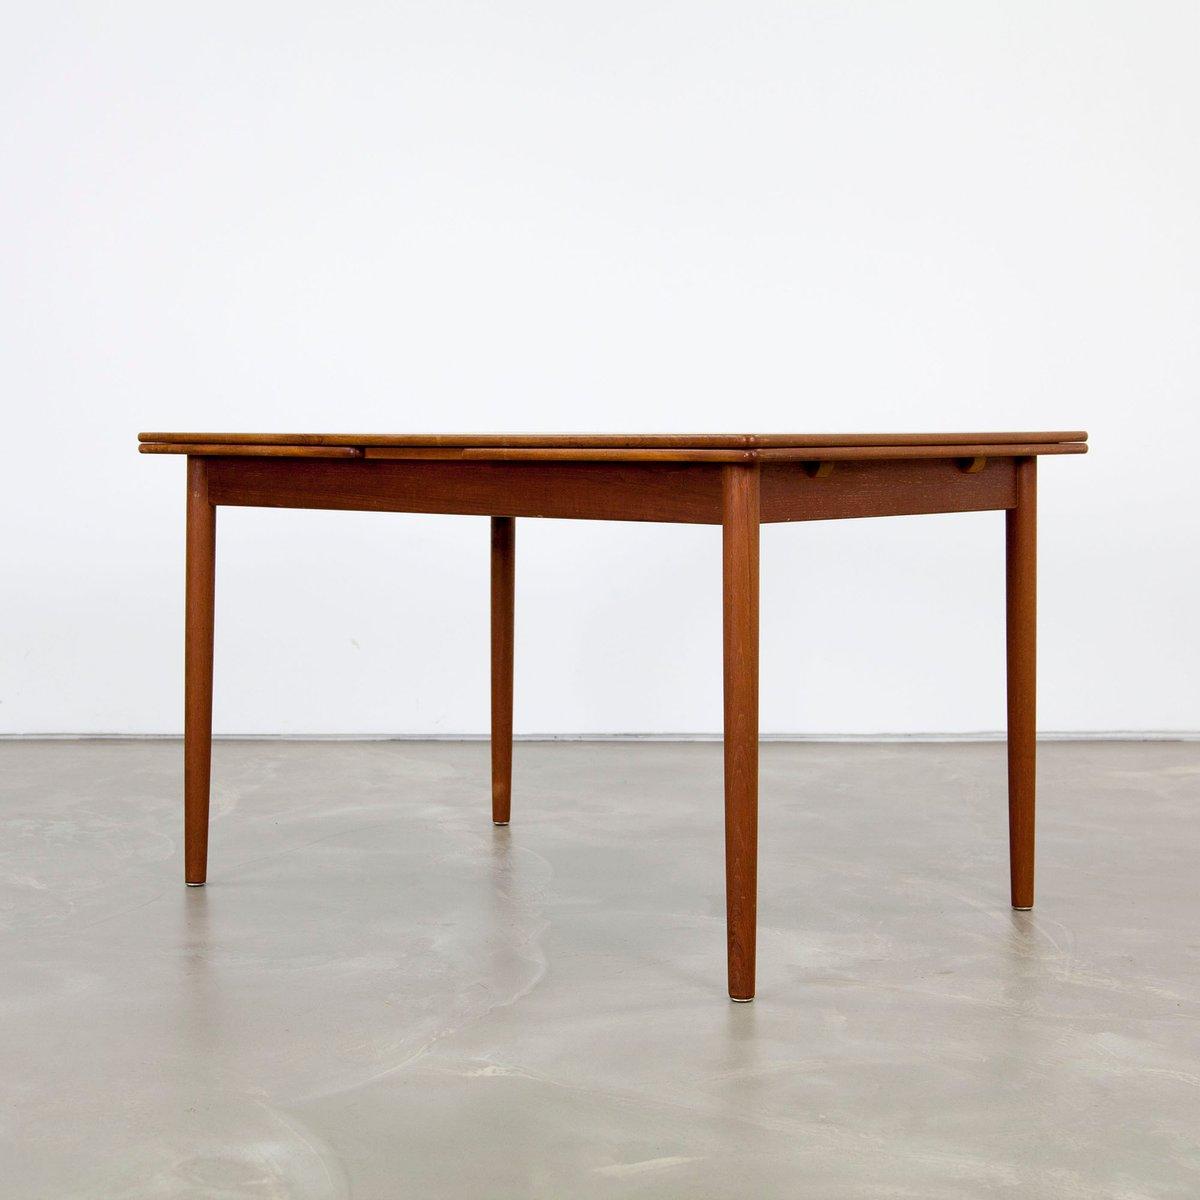 d nischer teak esstisch mit zwei eins tzen 1960er bei pamono kaufen. Black Bedroom Furniture Sets. Home Design Ideas